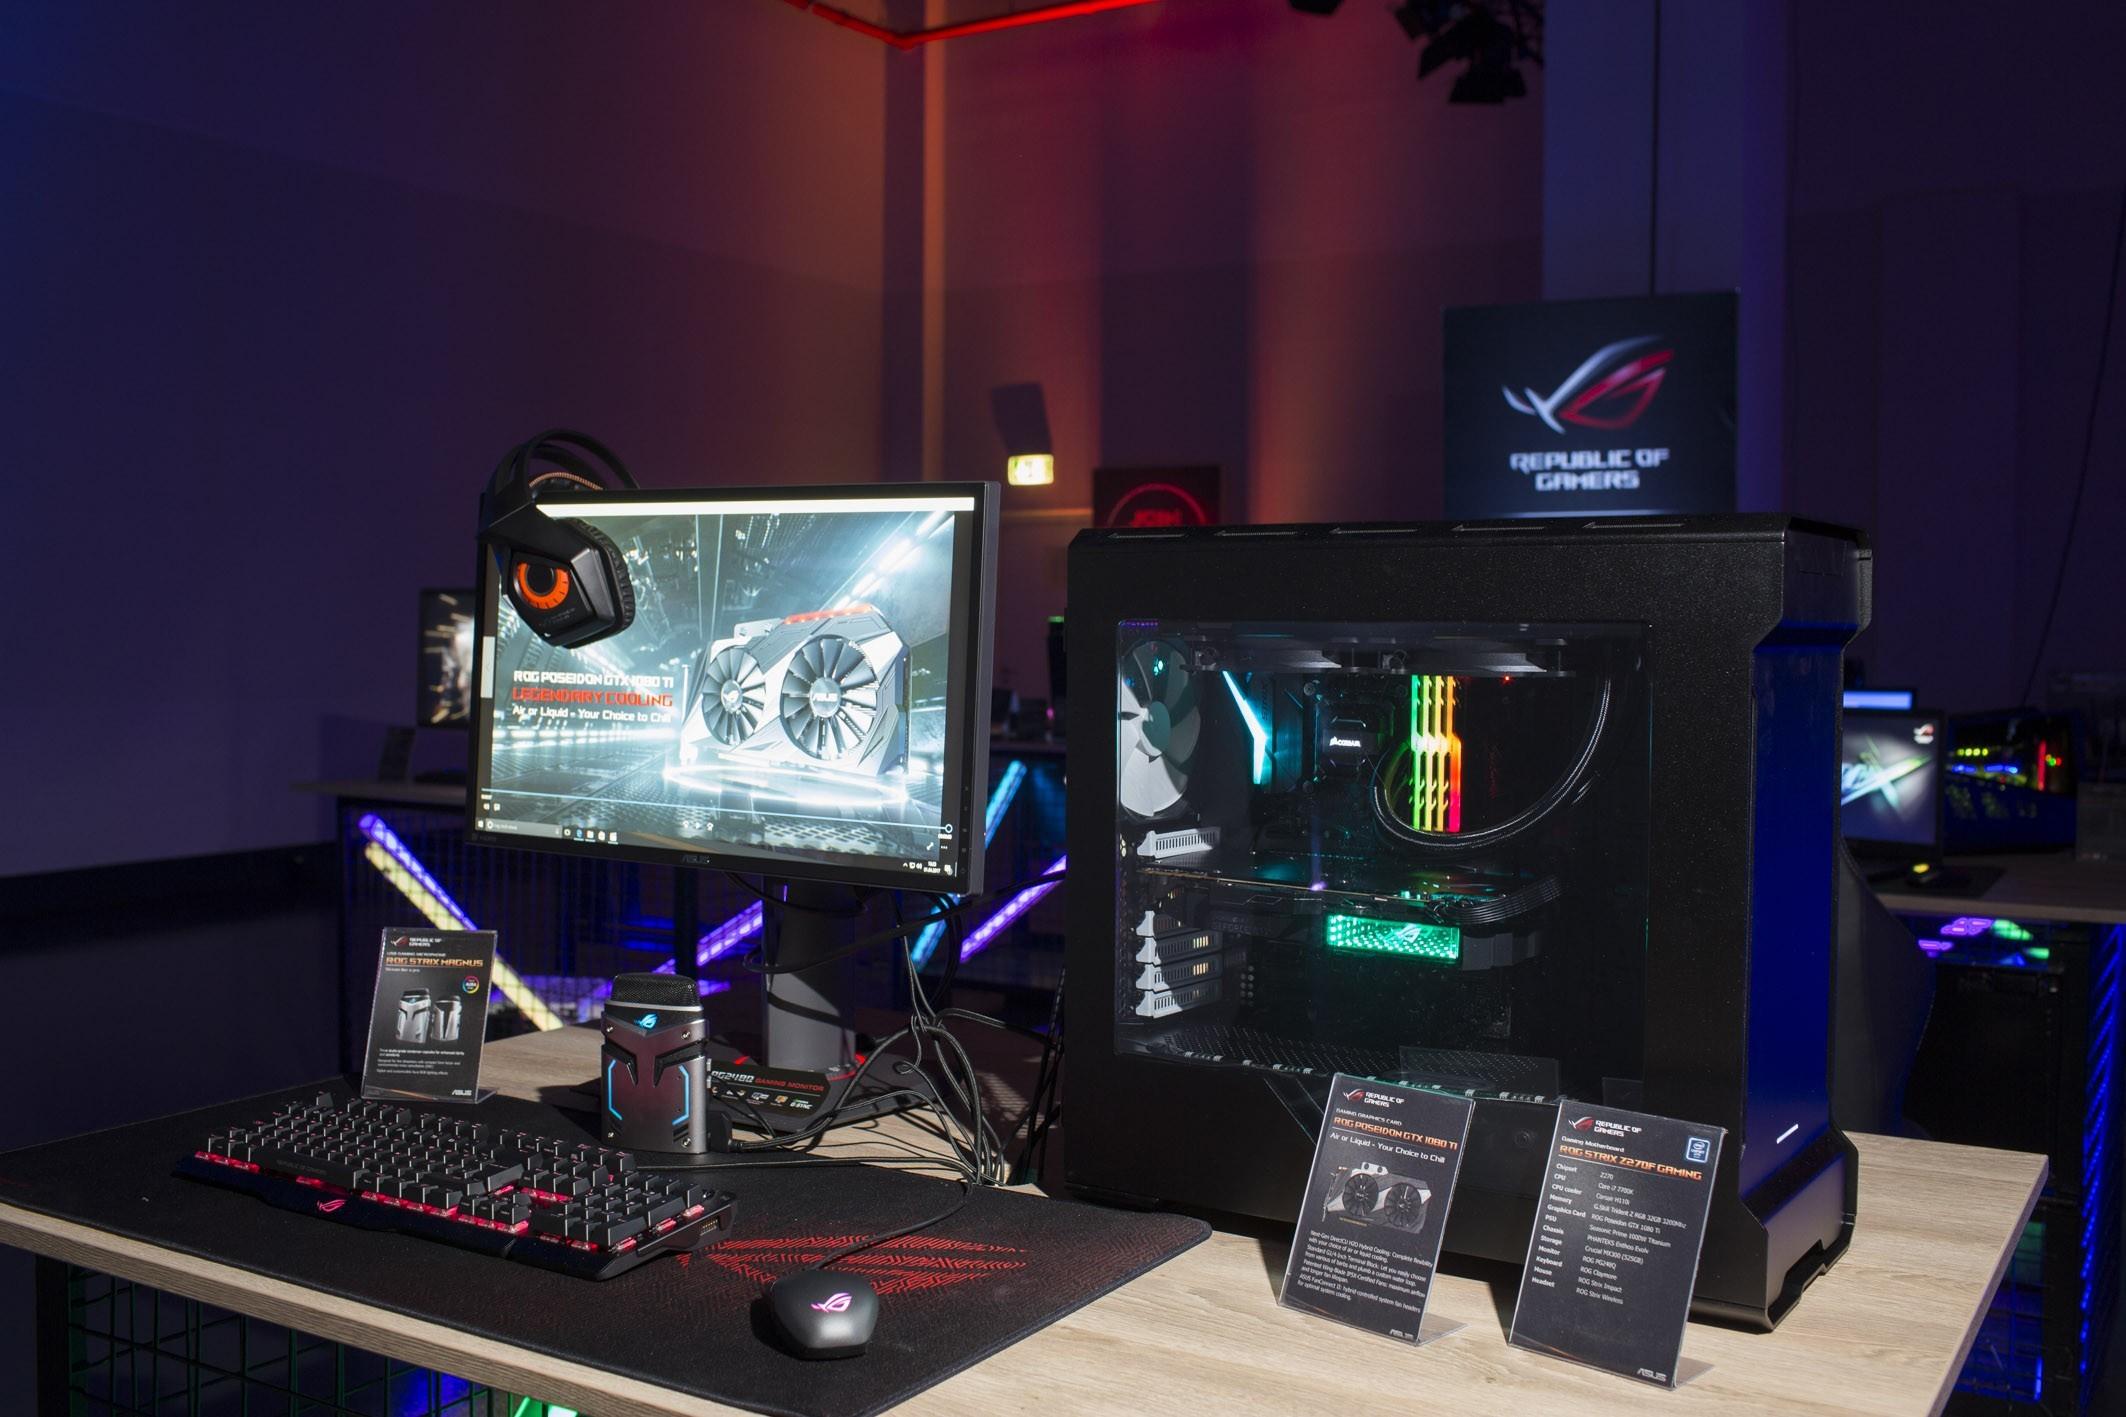 ASUS ROG công bố loạt sản phẩm mới trong sự kiện tại Đức